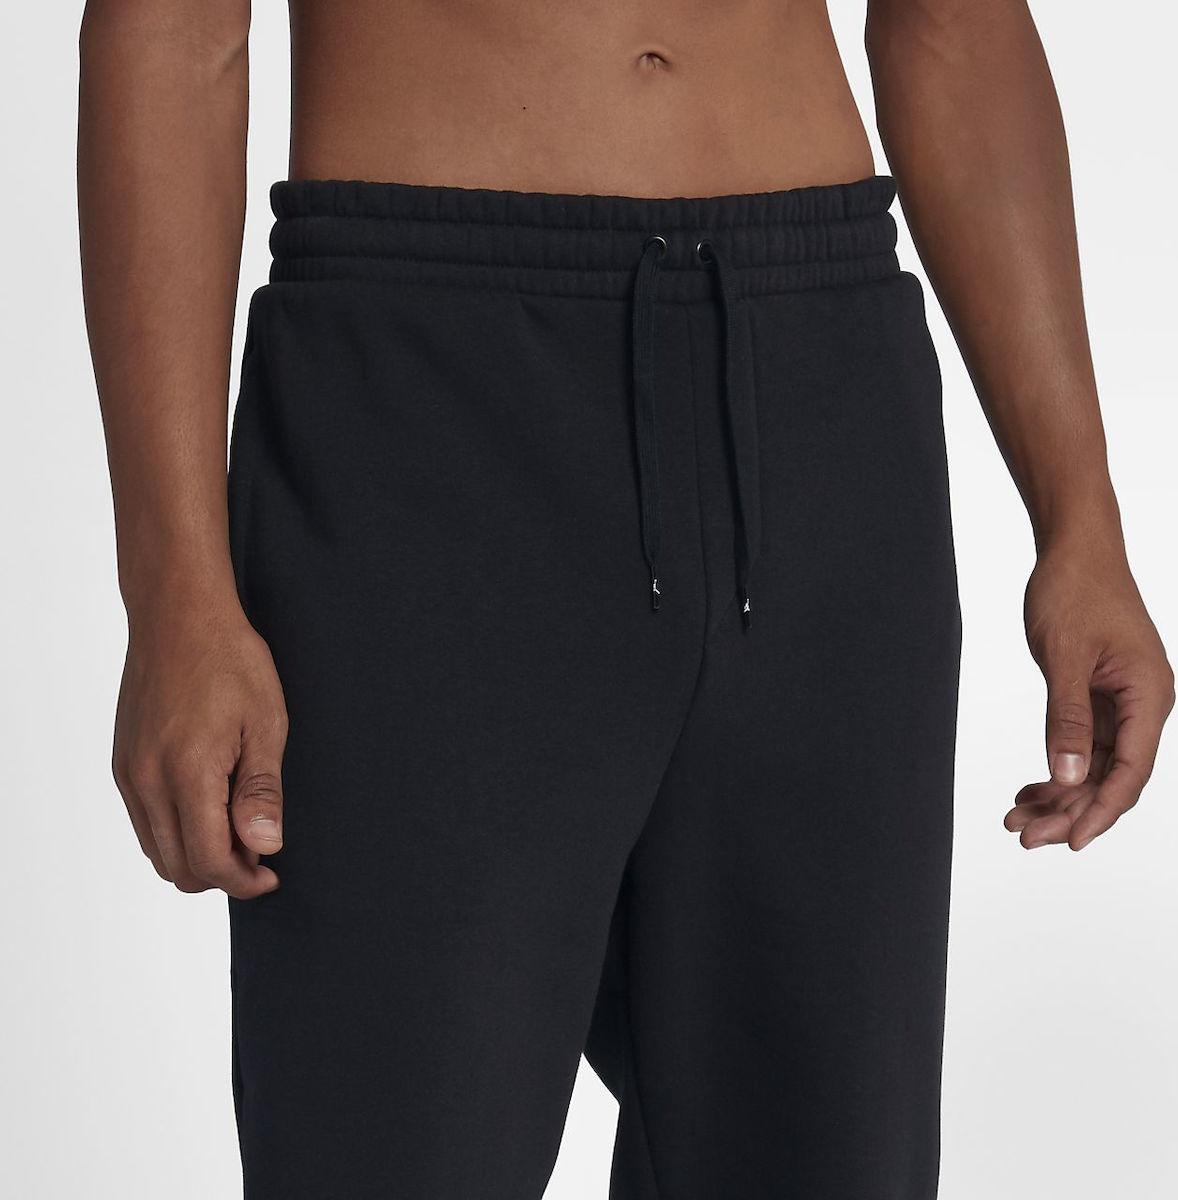 Nike Jordan Jumpman Air 940172-010 - Skroutz.gr 28efd91831a